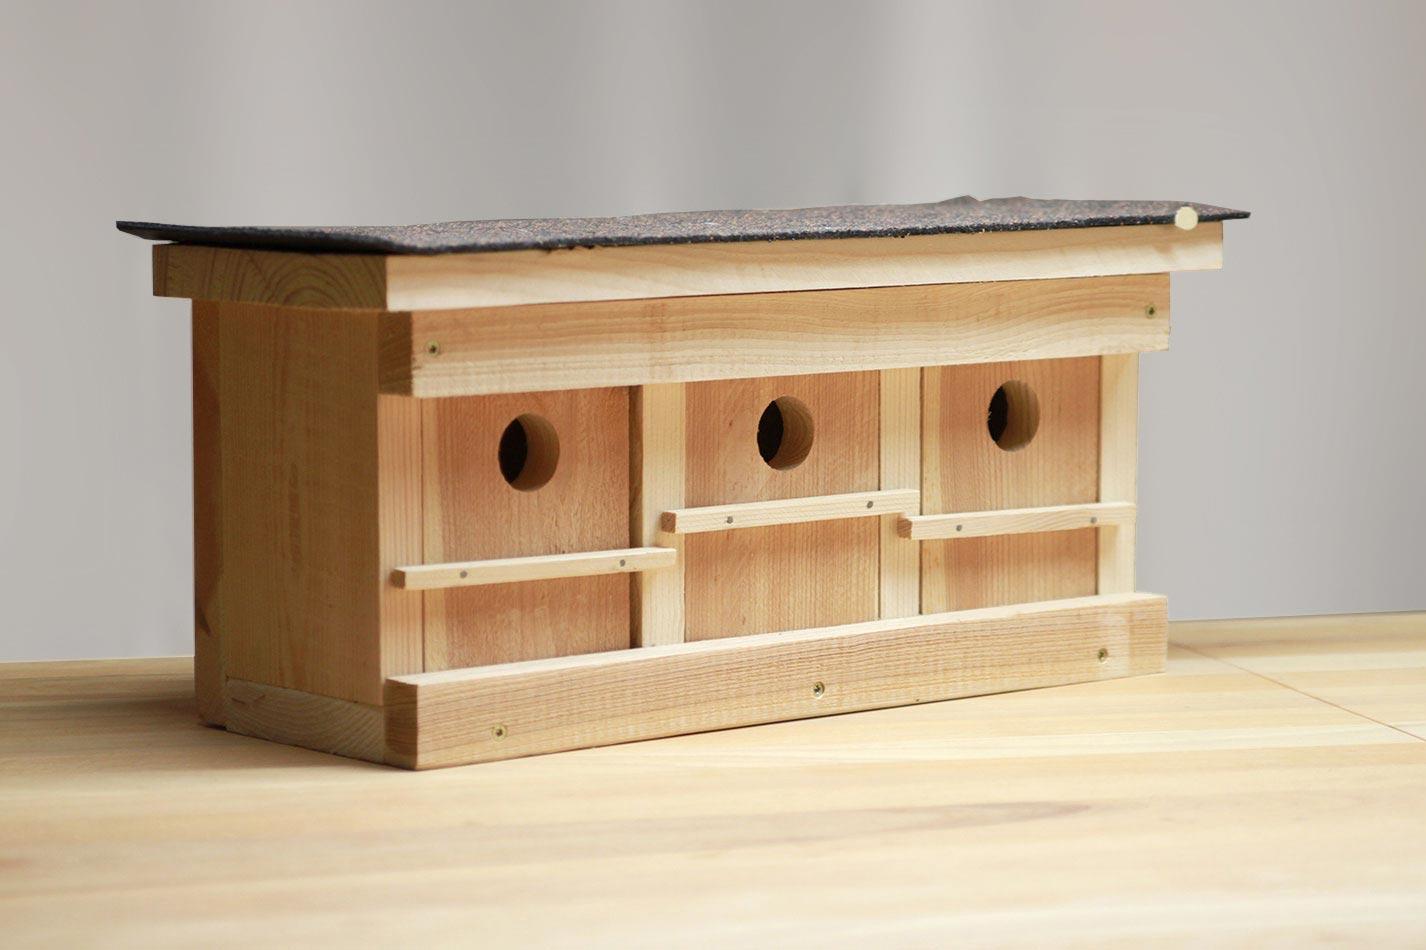 Sperlingskoloniehaus aus Holz für drei Sperlings Brutpaare